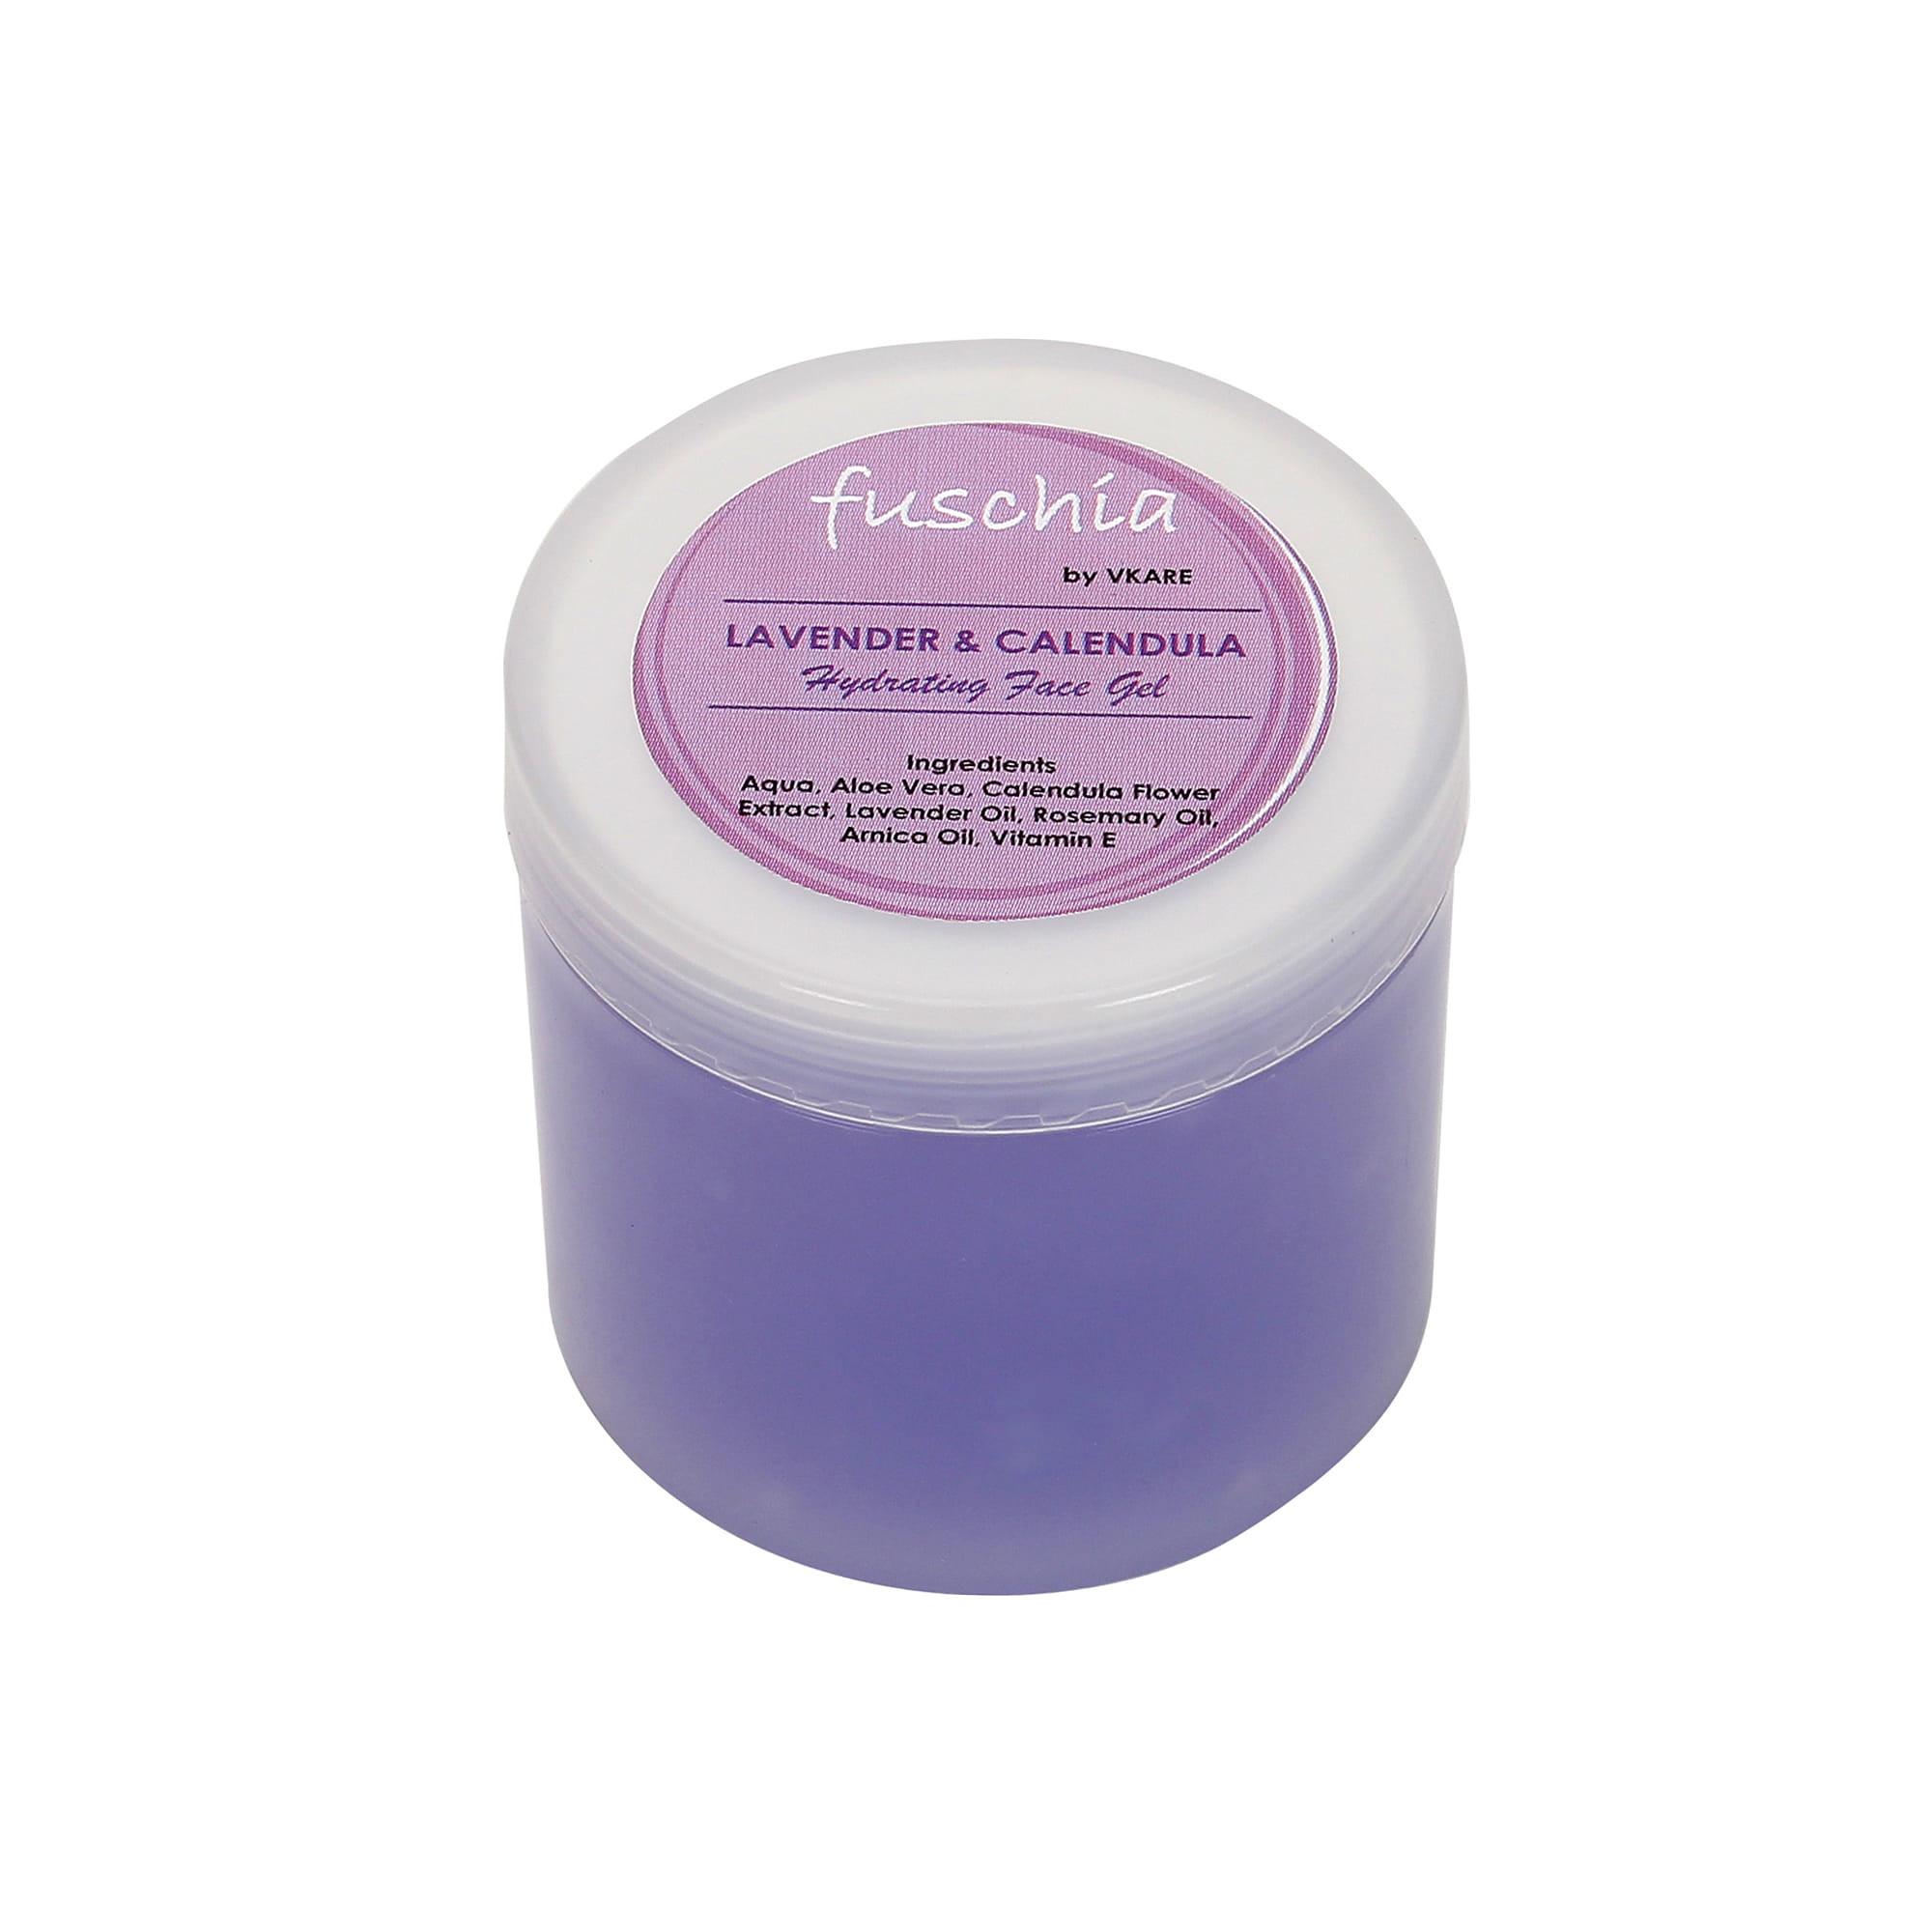 Fuschia Hydrating Face Gel - Lavender & Calendula100g